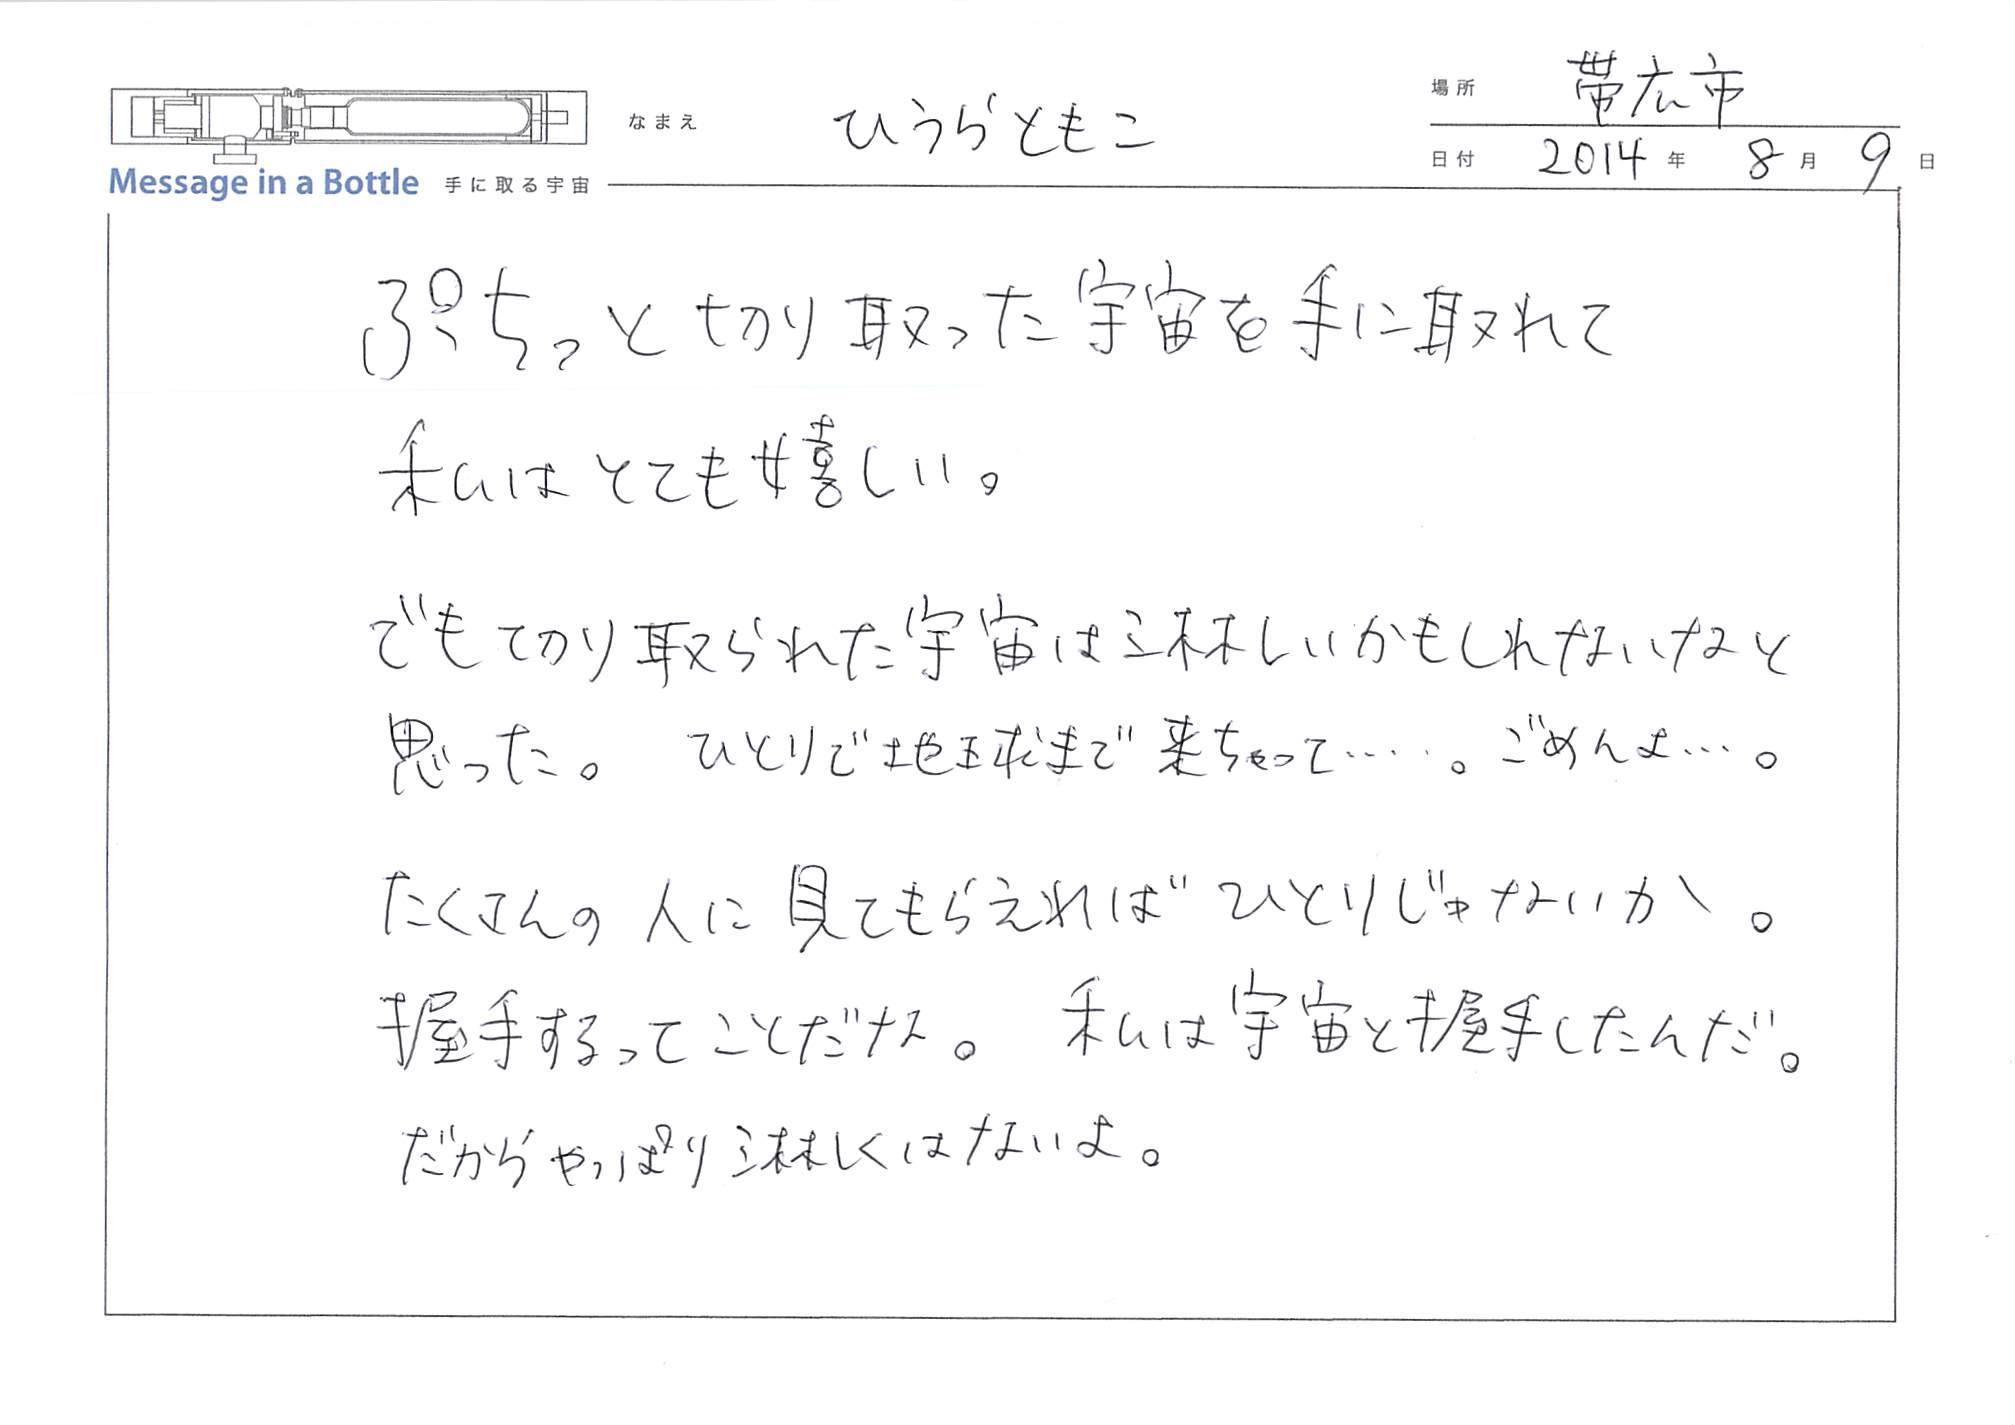 2014-08-09-20-09-53.jpg